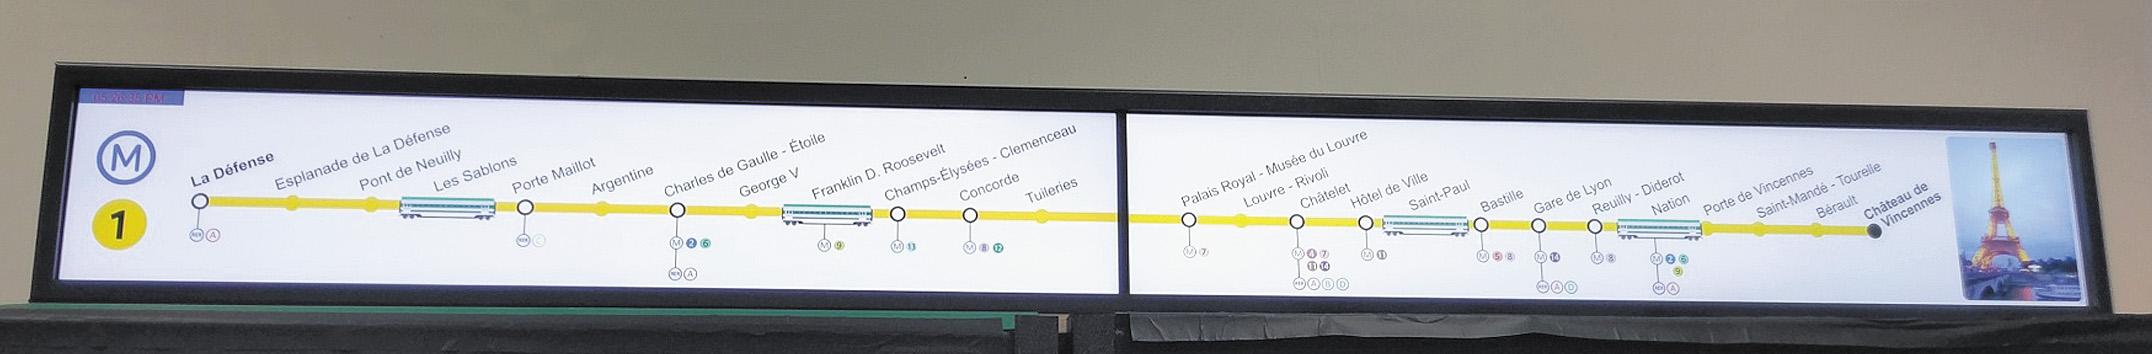 Монитор Litemax для вагона метро